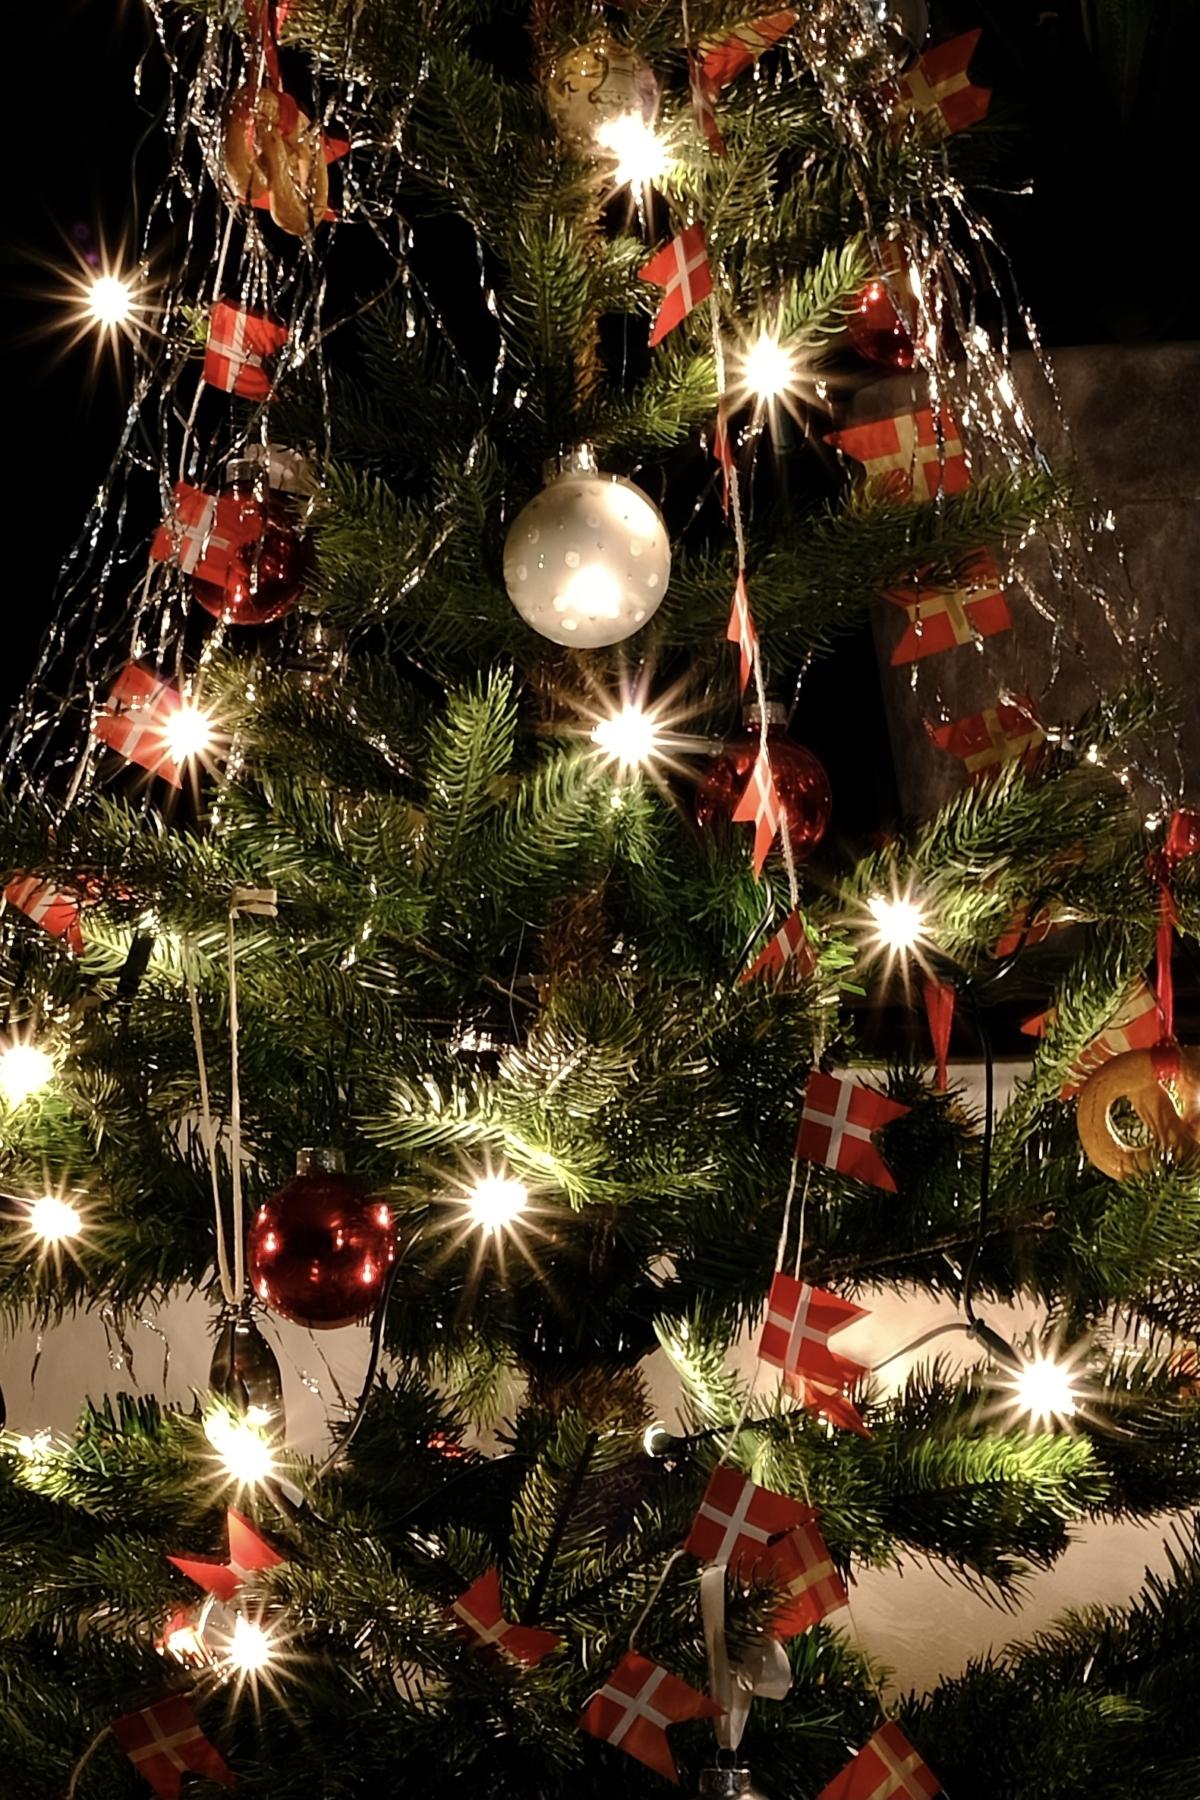 Juletræet 2020